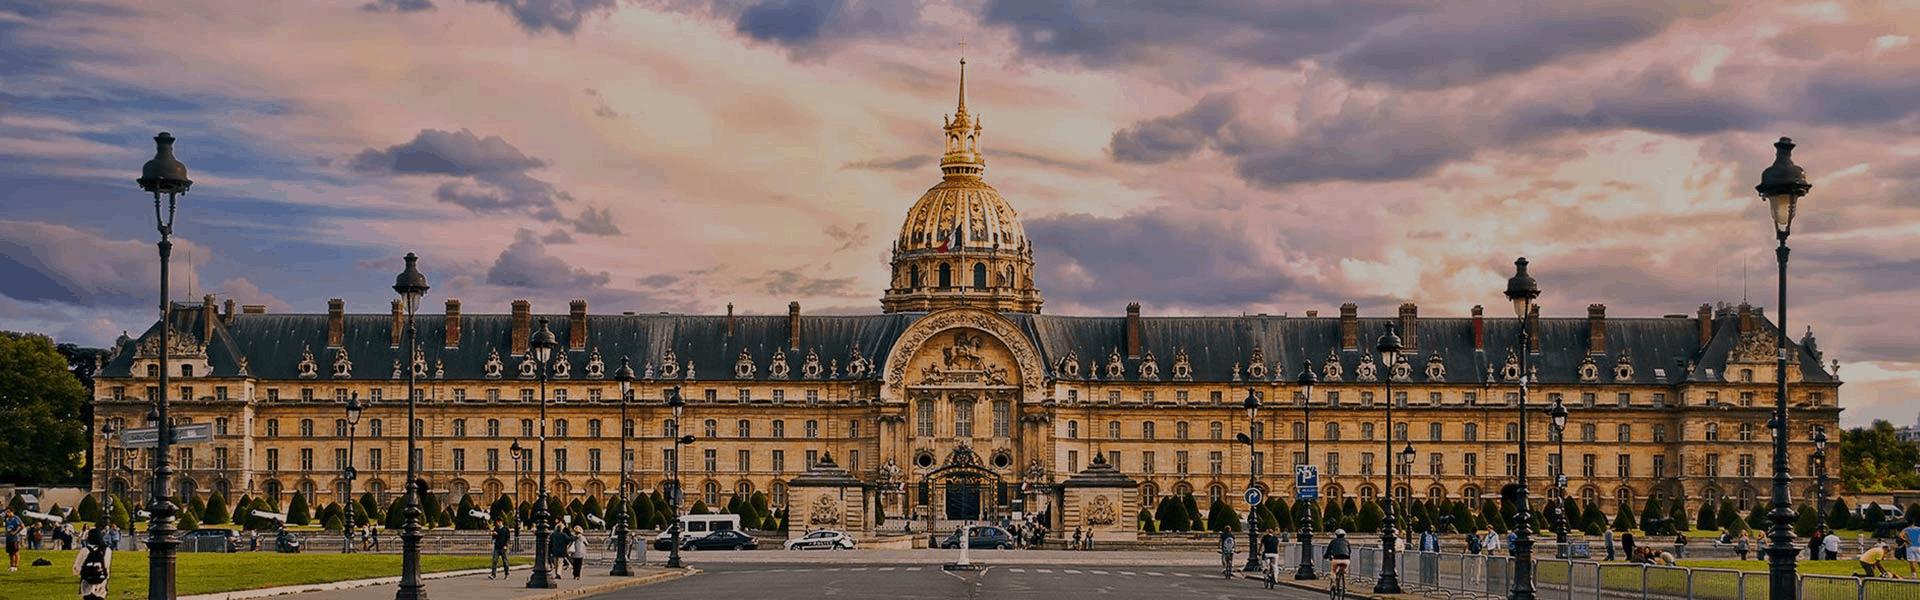 Paris Invalides